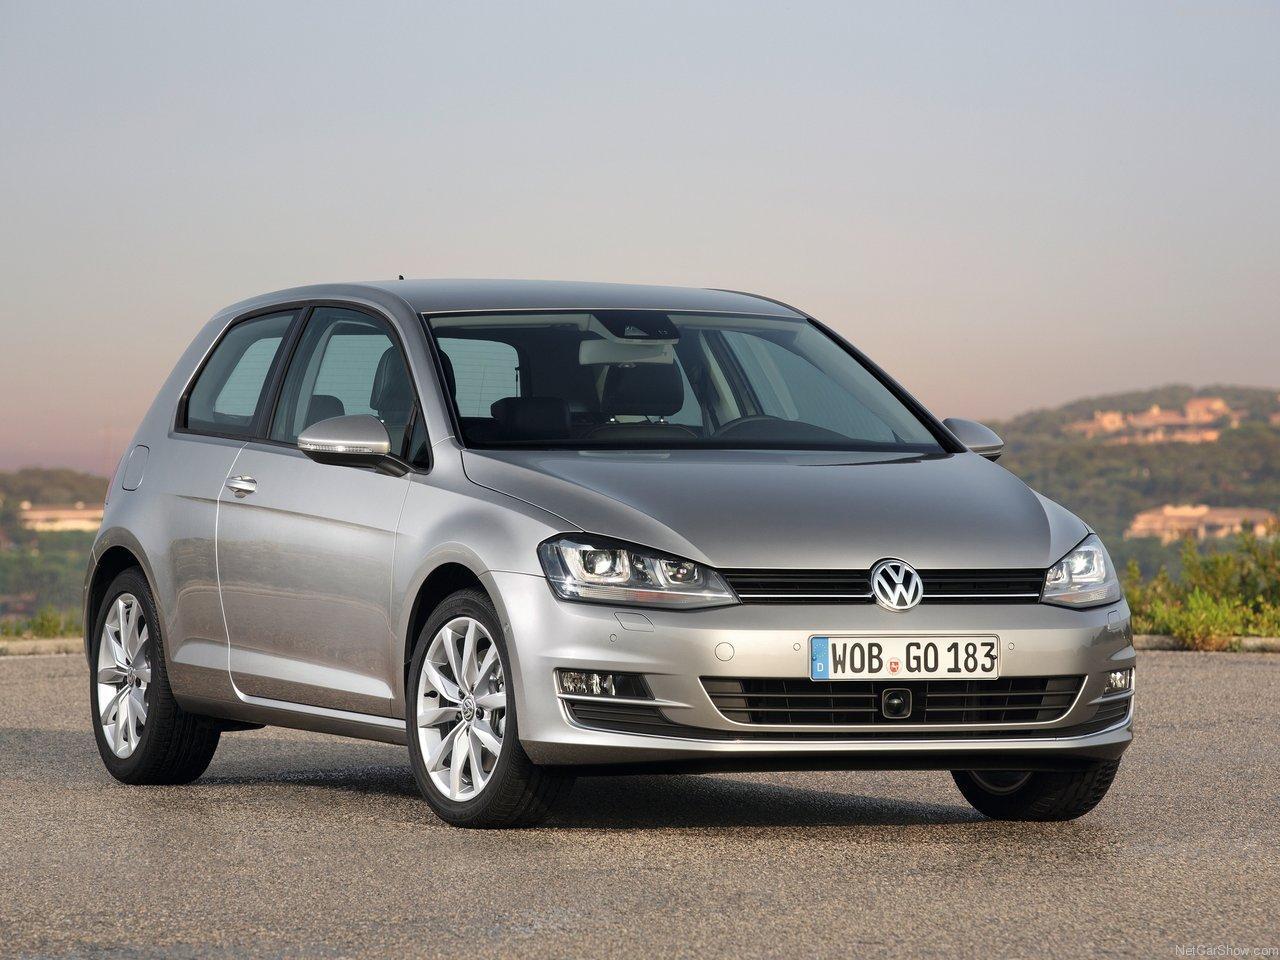 Volkswagen-Golf-2013-1280-01